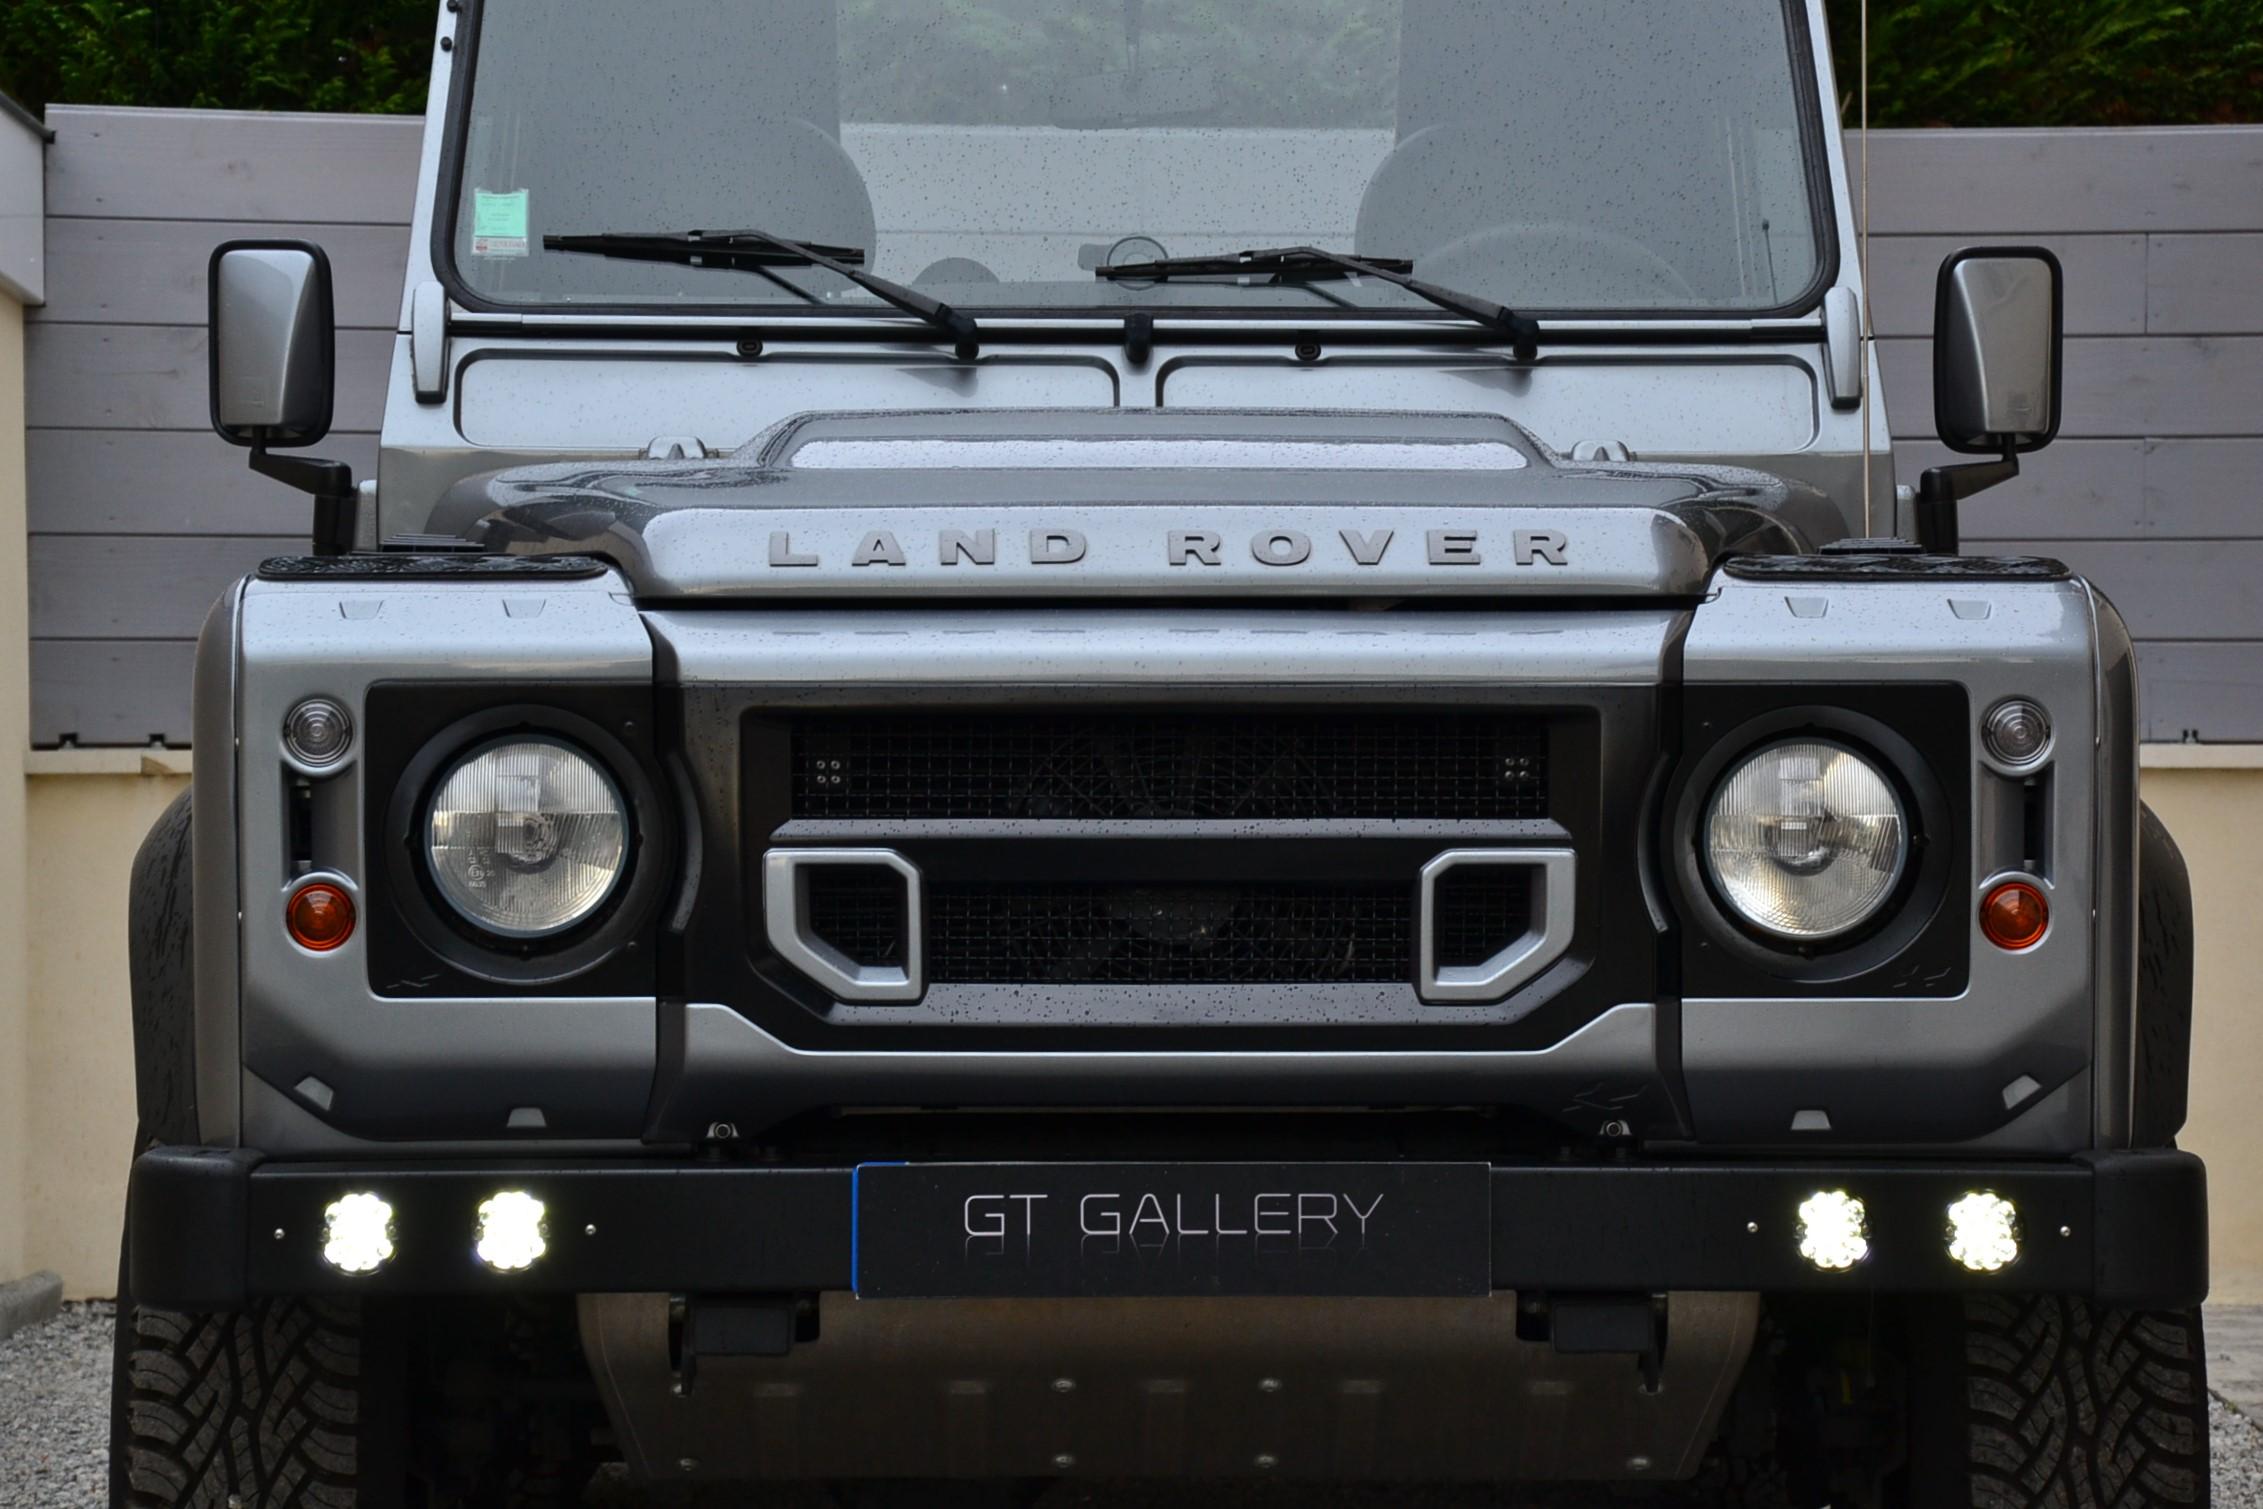 land rover defender occasion lyon 09 gt gallery. Black Bedroom Furniture Sets. Home Design Ideas